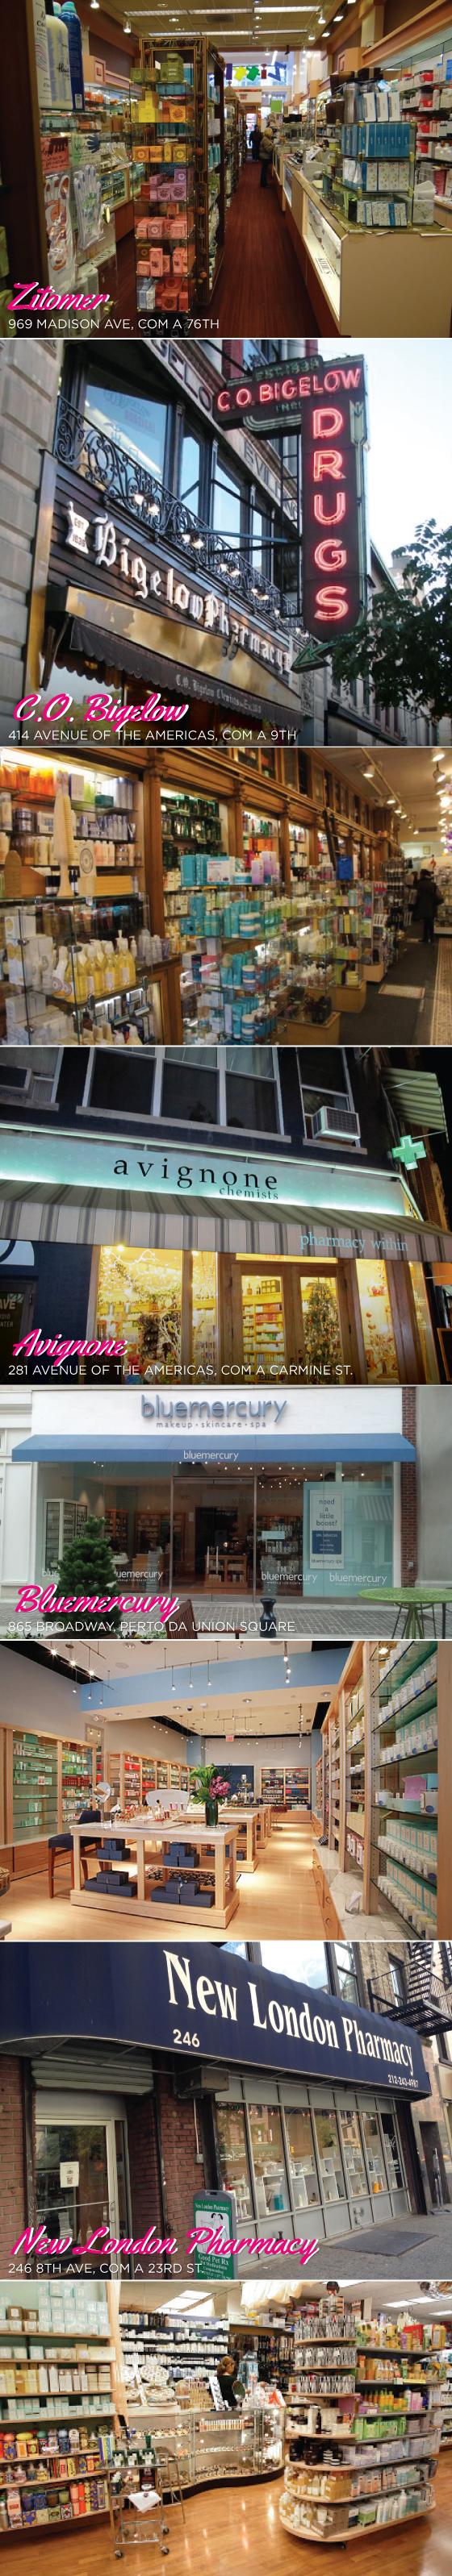 ny-farmacias-cosmeticos-maquiagem-lugar-diferente-dica-viagem-ny-nyc-travel